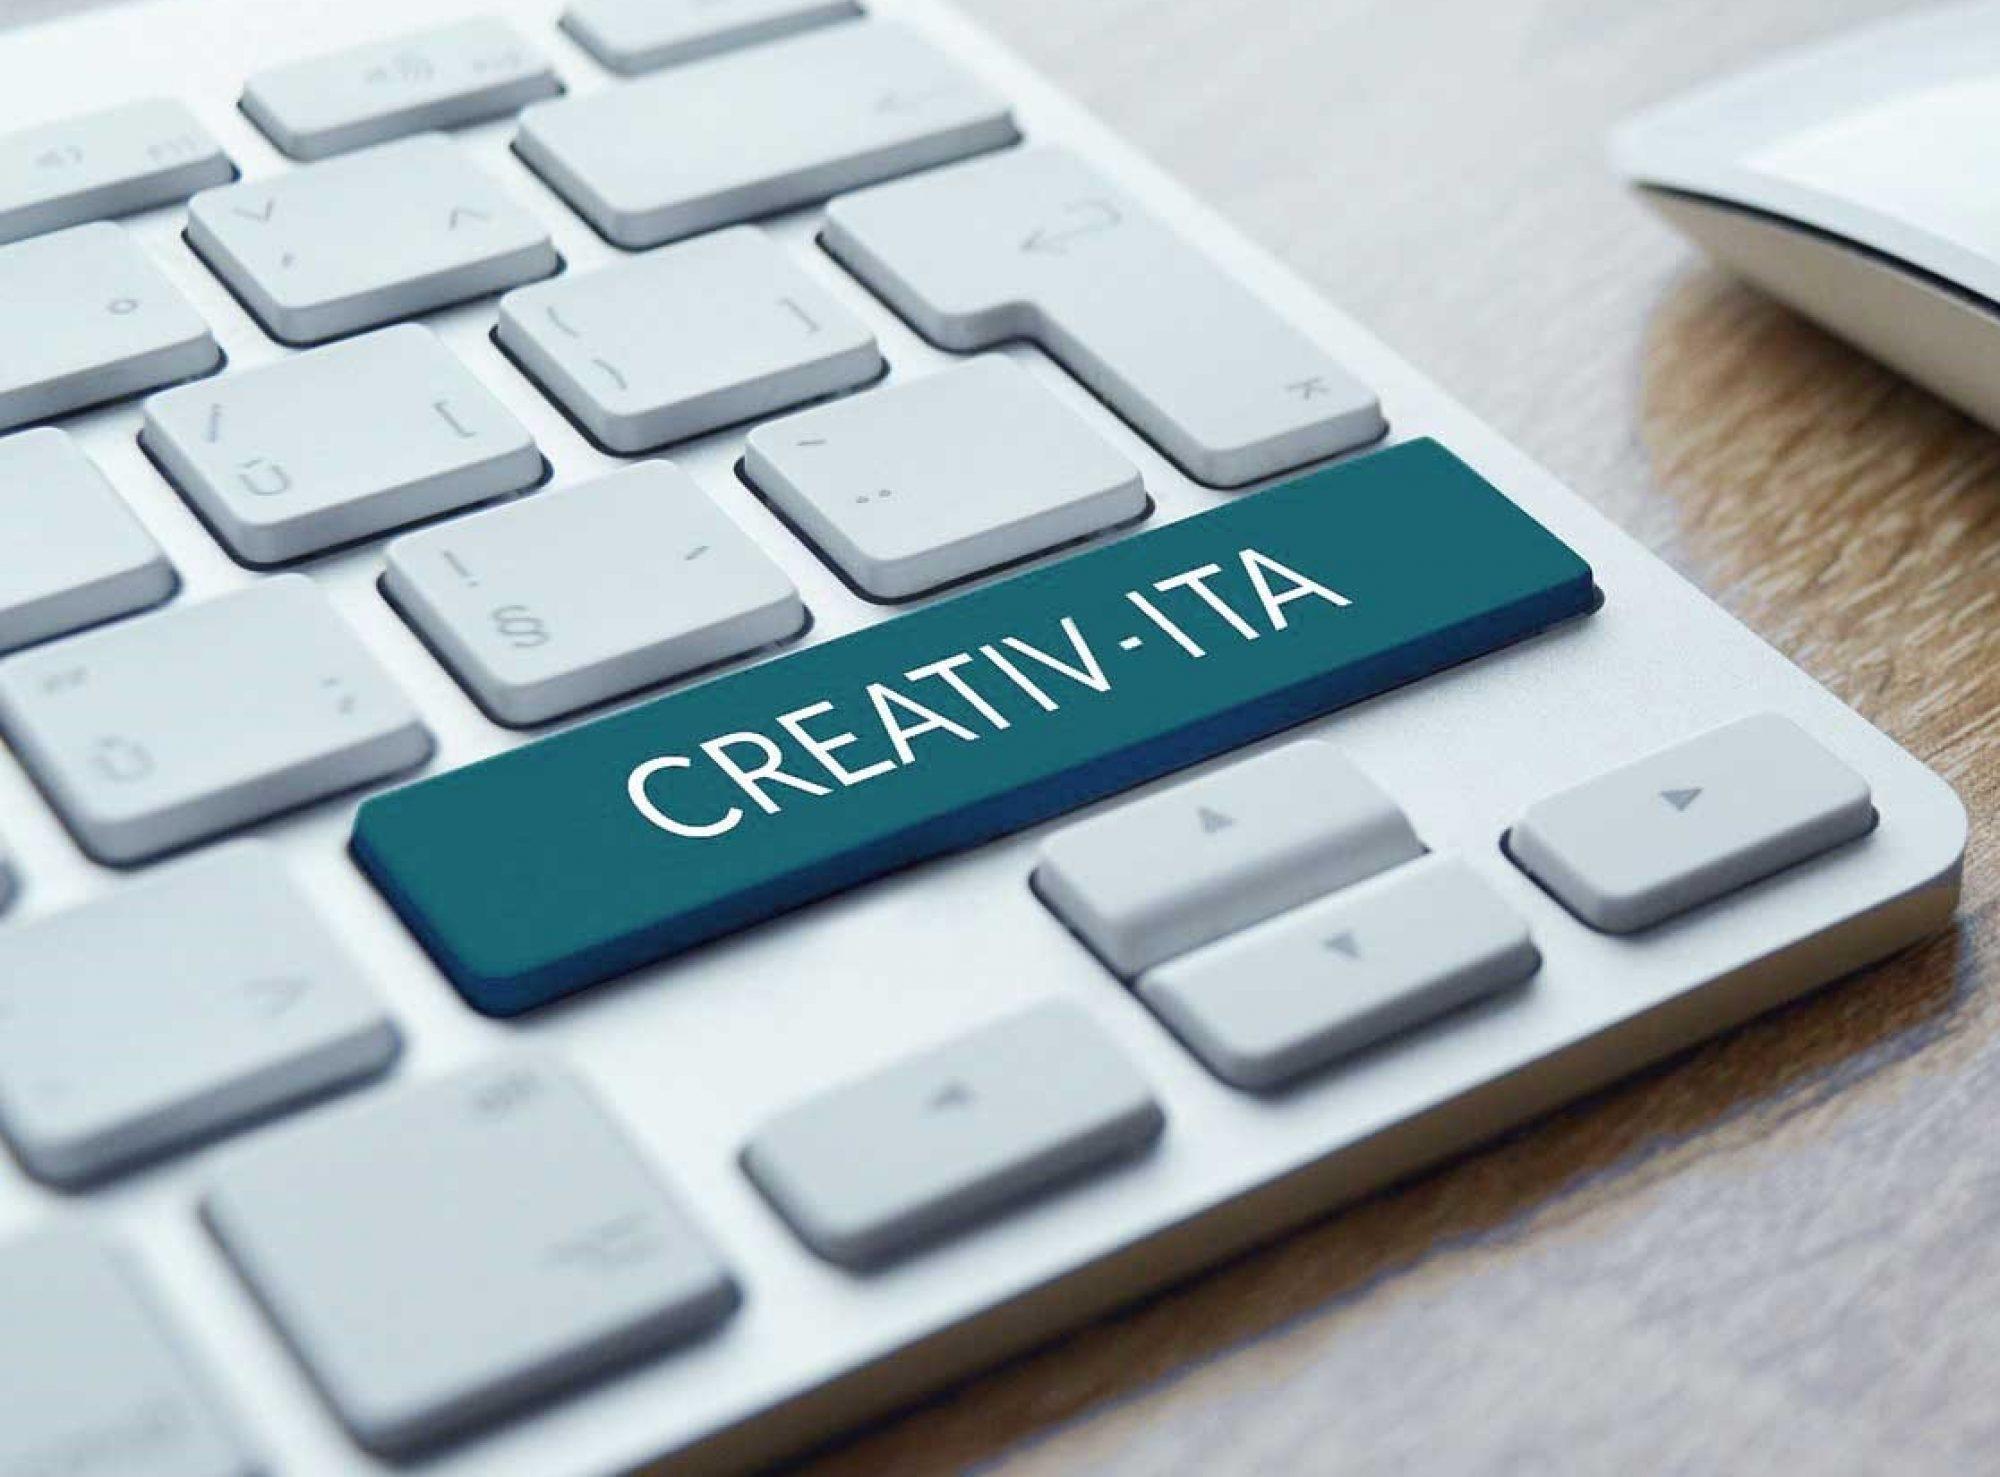 Creativ-ita s.r.l.